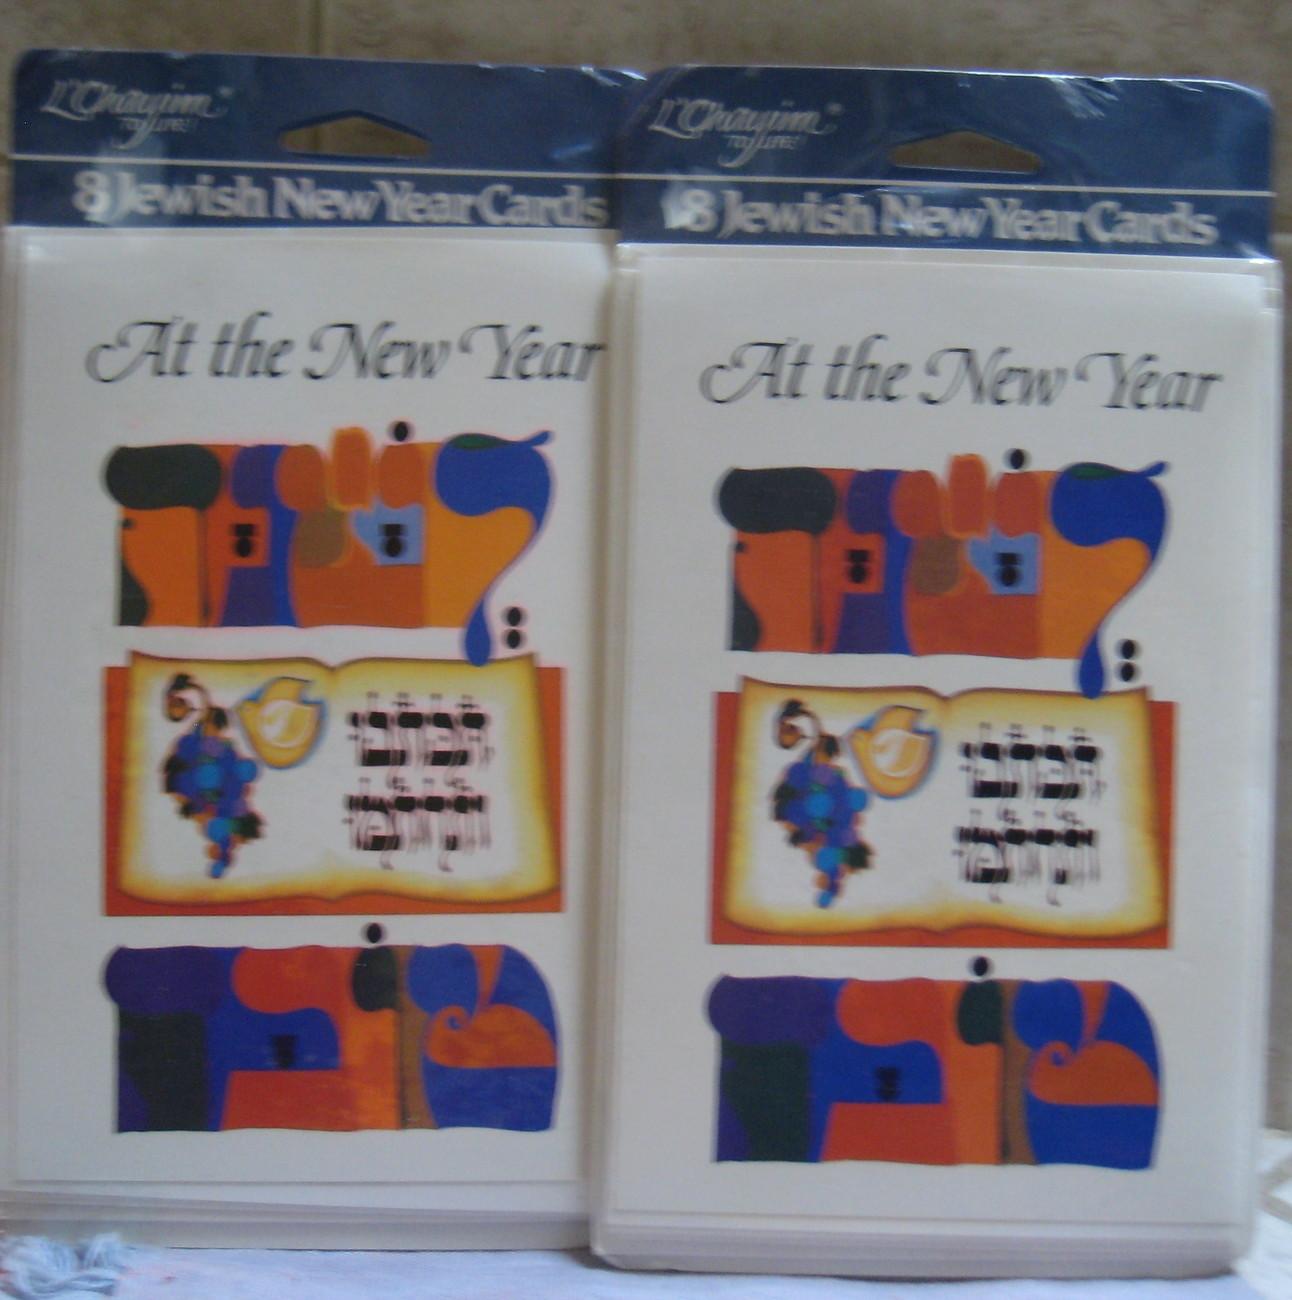 16 JEWISH NEW YEARS CARDS - BRAND NEW